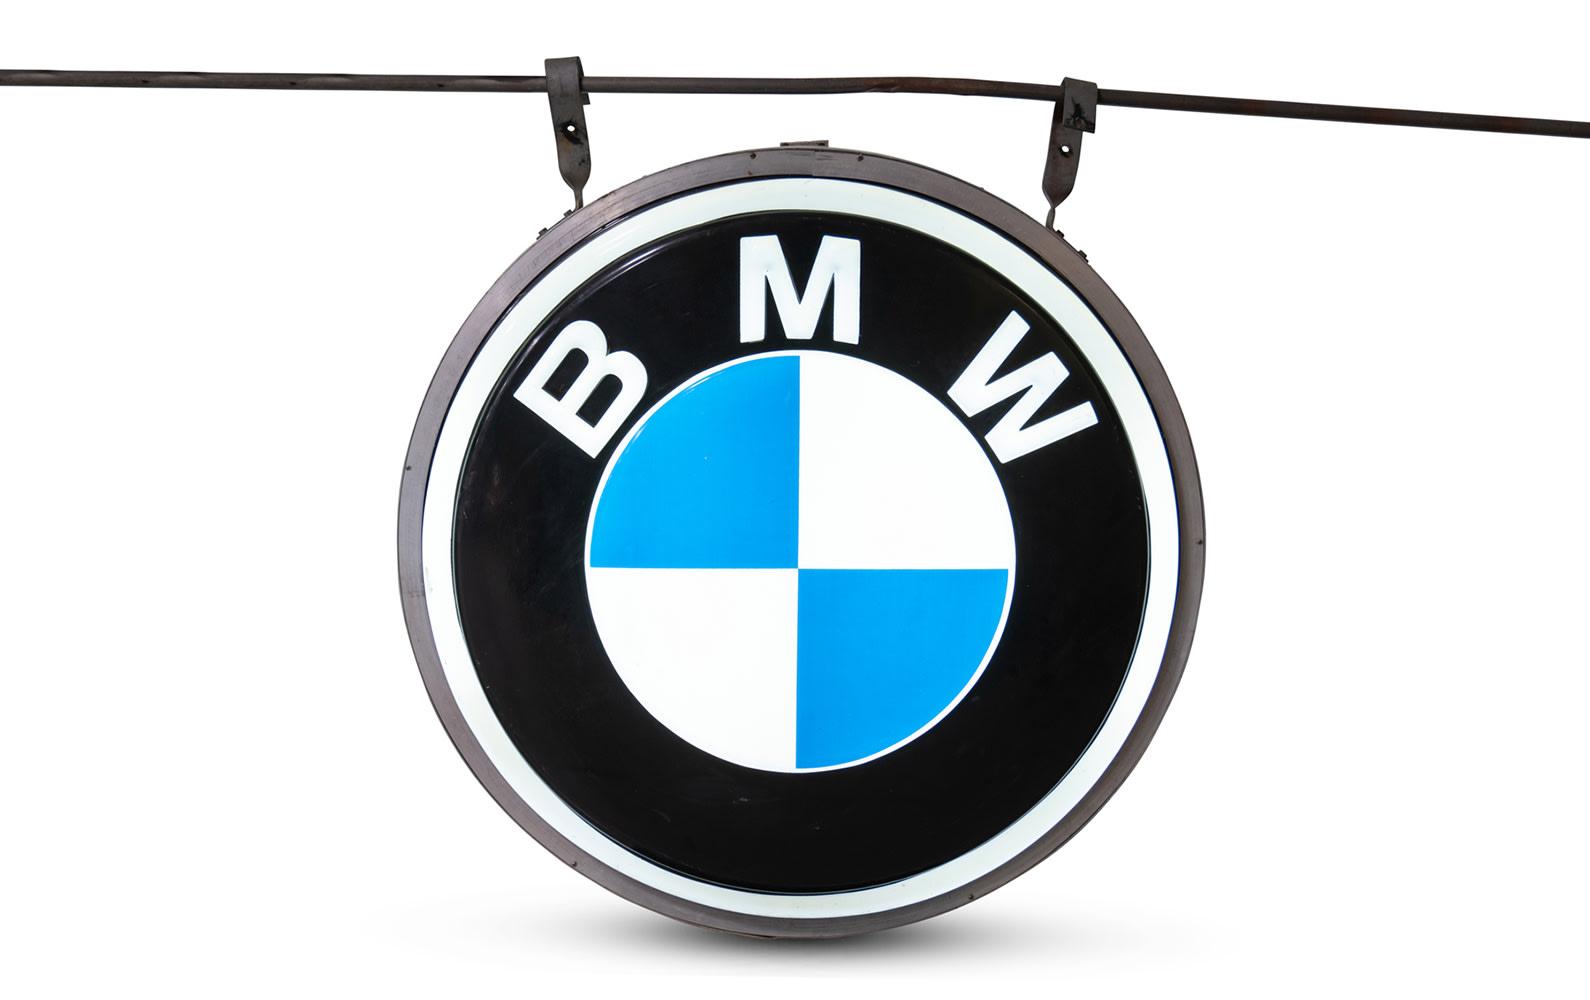 Round Illuminated BMW Dealership Sign